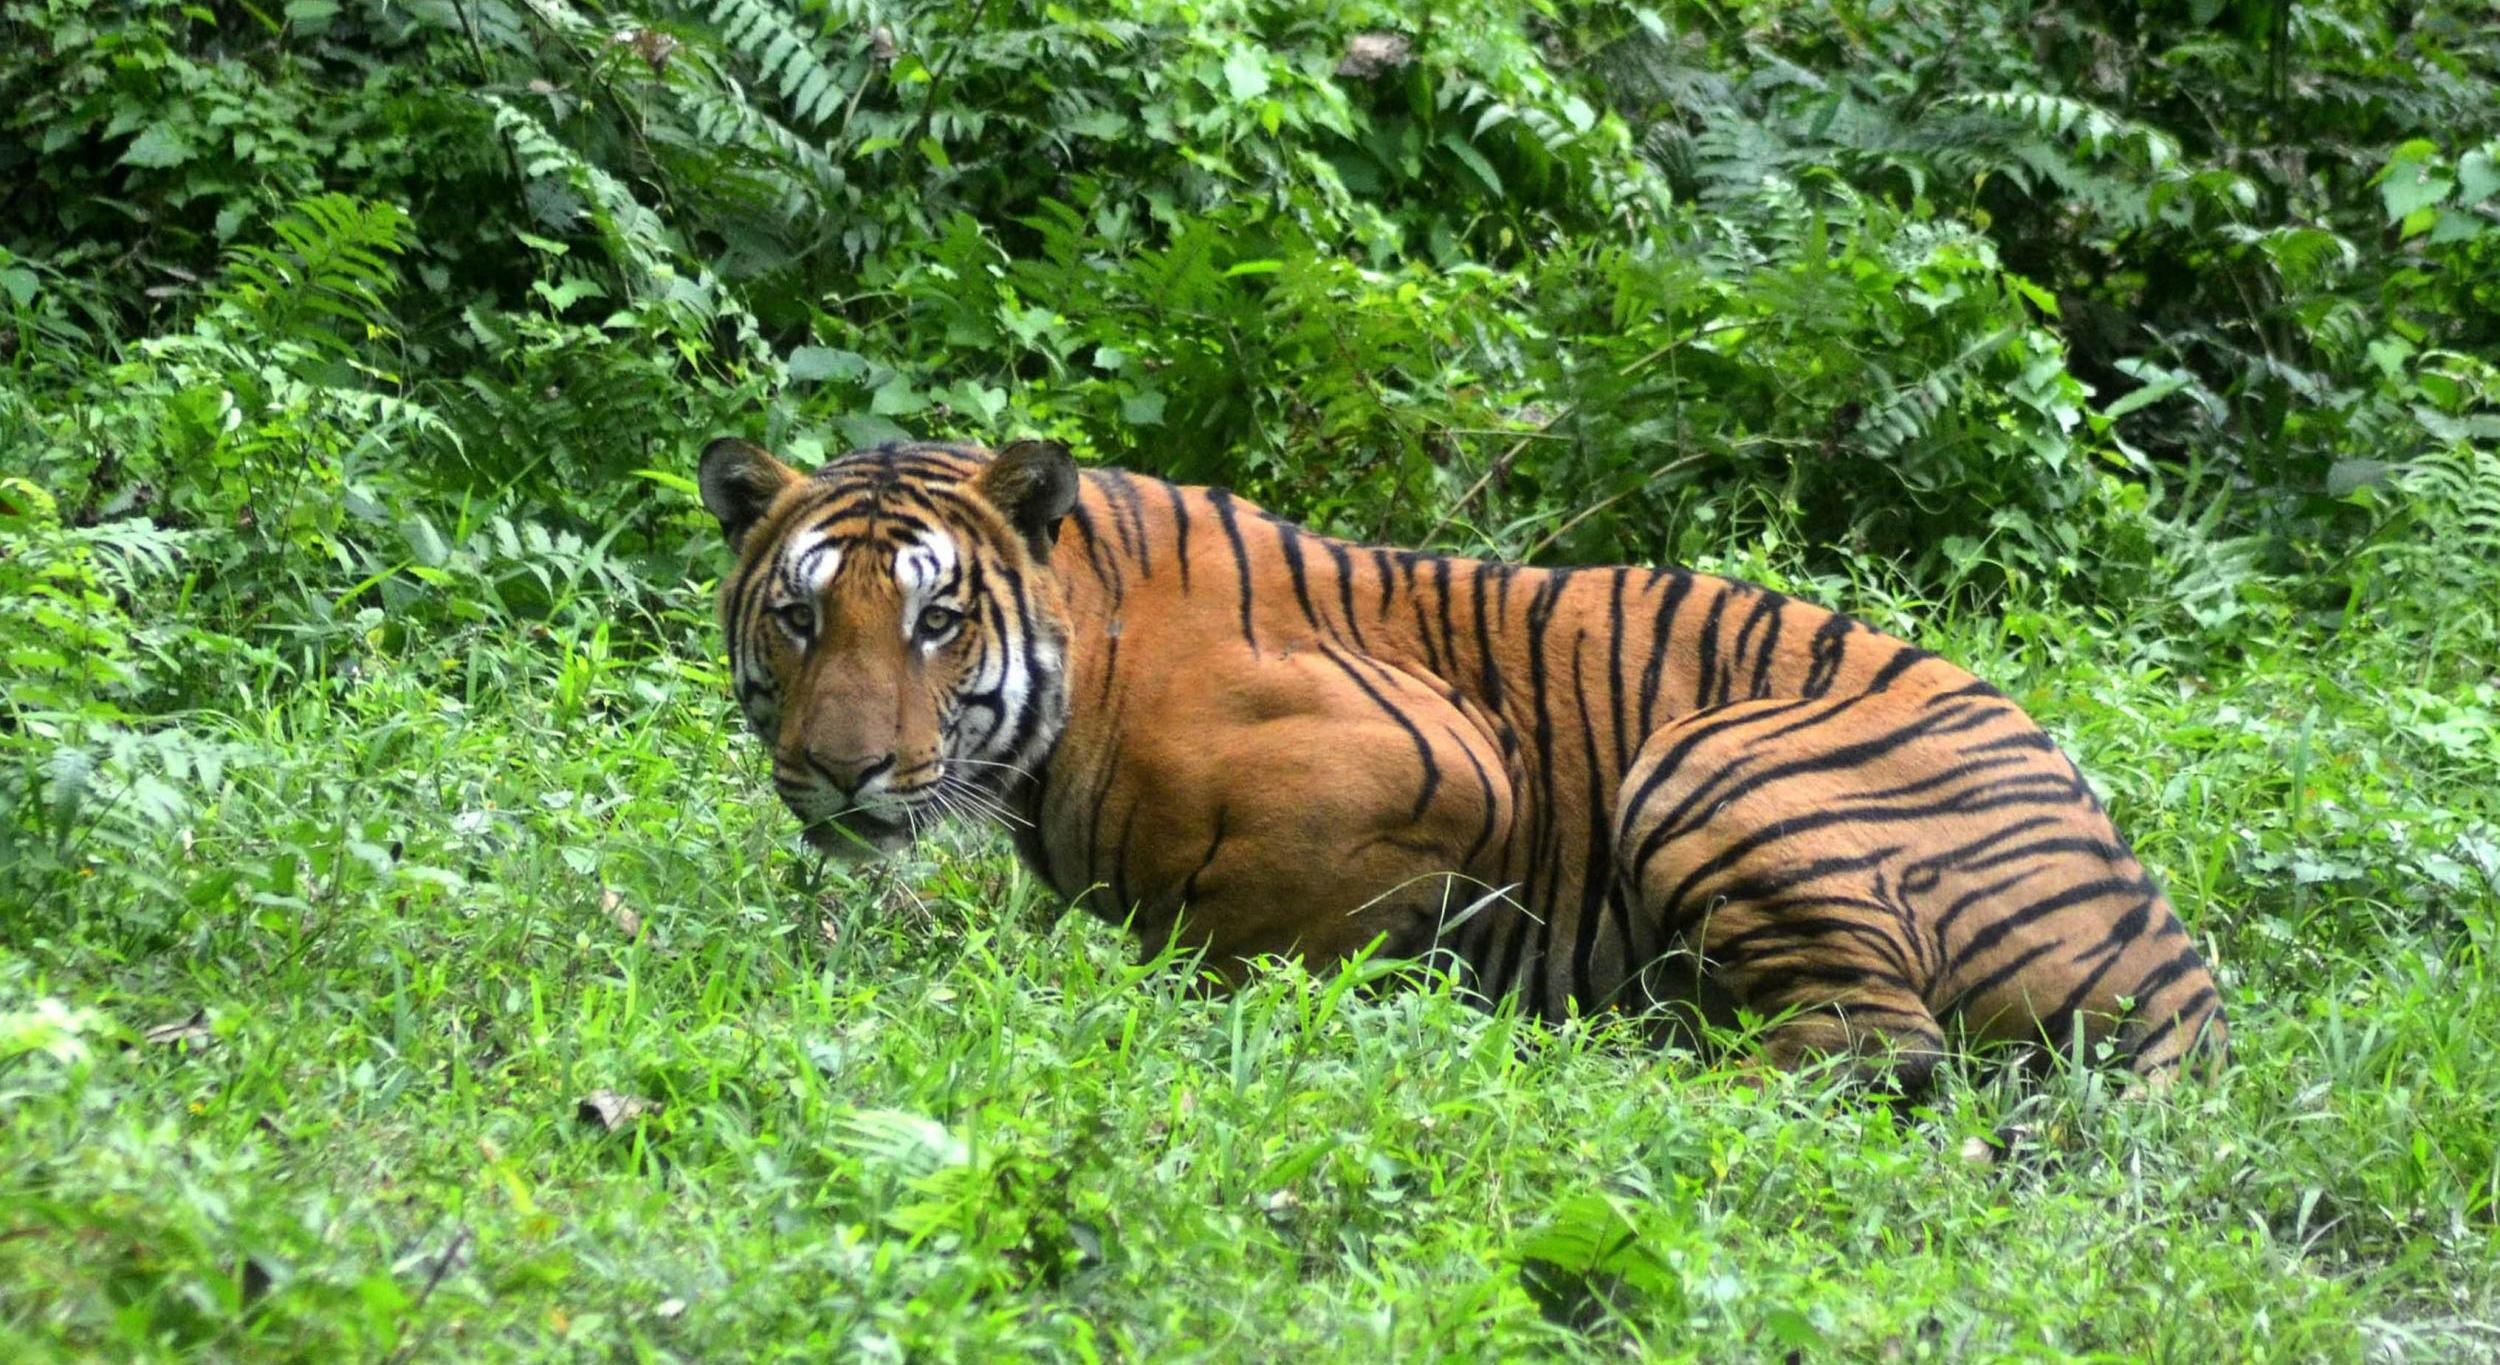 सिम्तामा बाघ आतंक, दिउँसै बाख्रा खान थालेपछि स्थानीय त्रसित